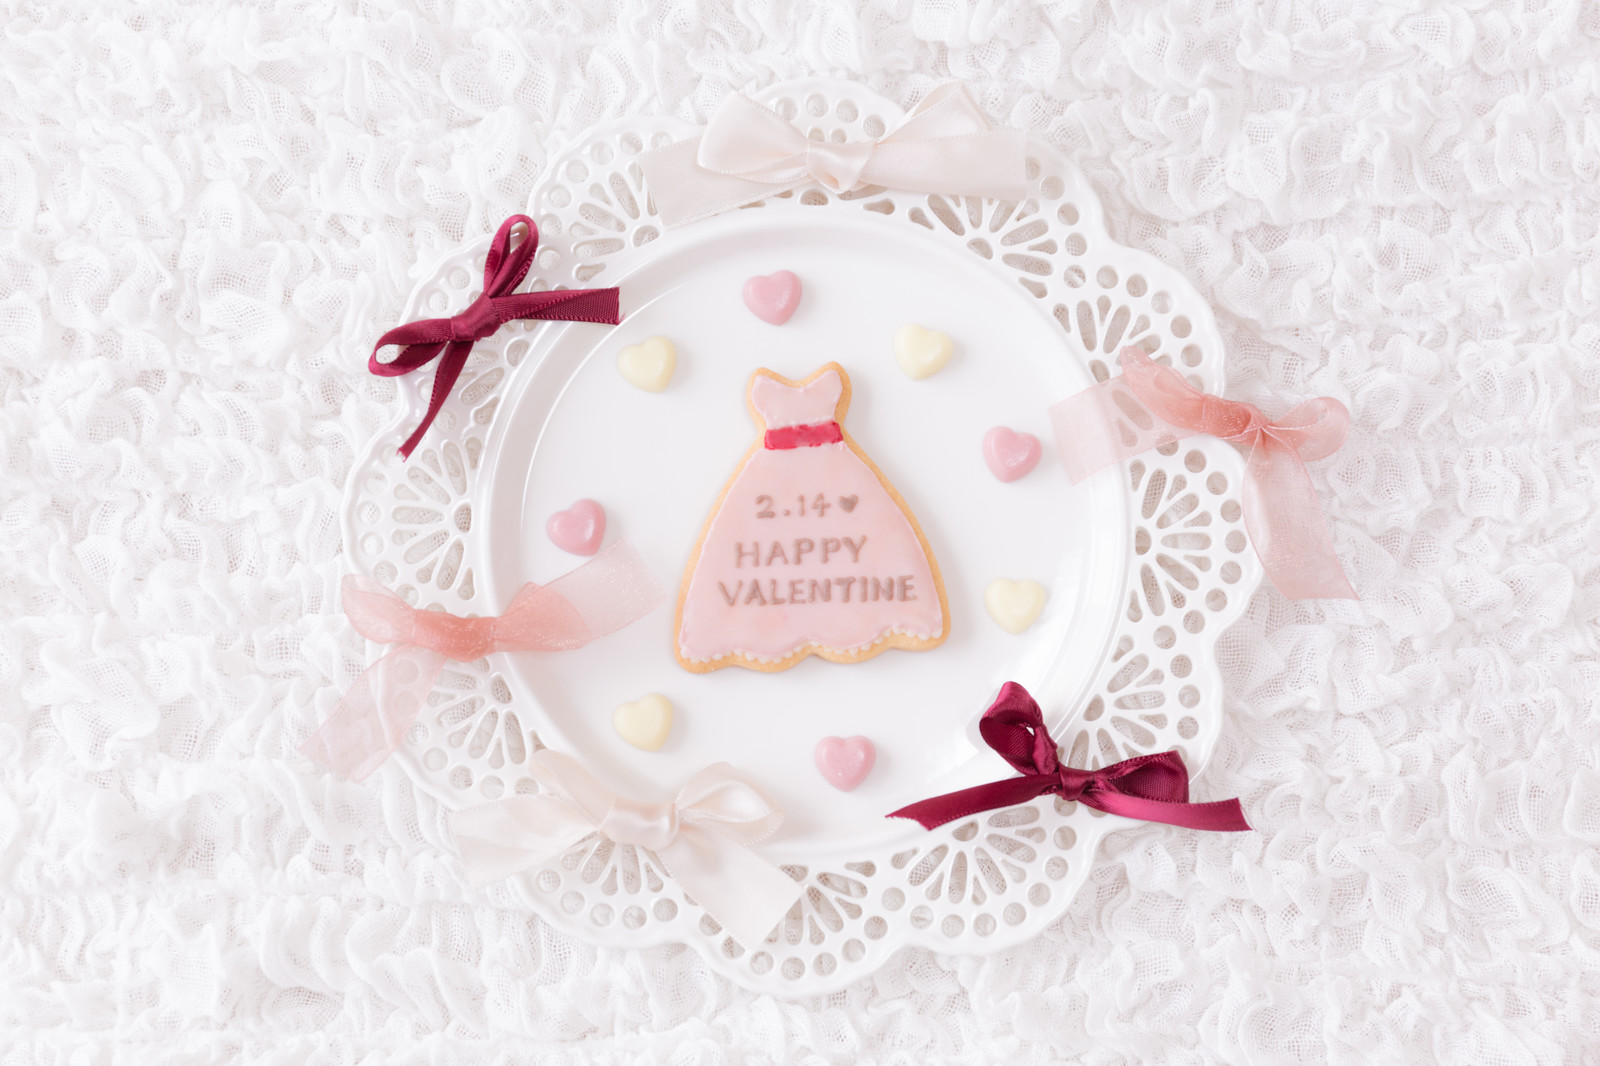 「2月14日 HAPPY VALENTINEと描かれたクッキー」の写真